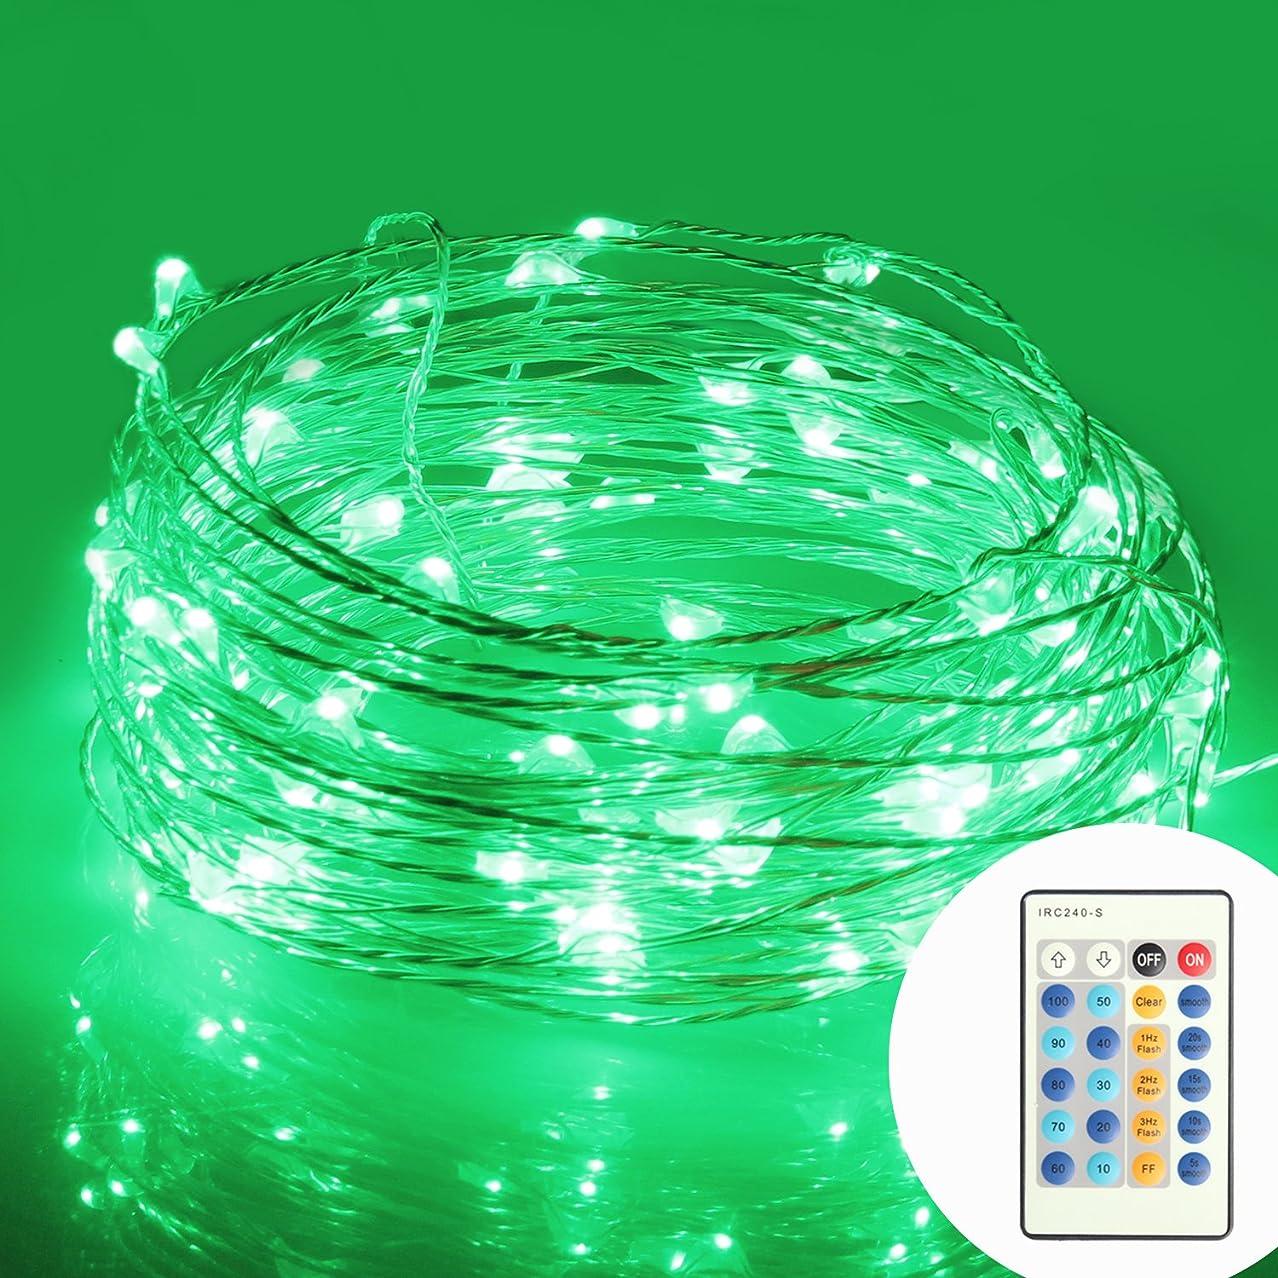 流性交拾う(モニコ)MONIKO イルミネーション 防水 コントローラー付 省エネ LED パーティー用電飾 メリクリスマス飾り ストリングライト 100球10m (グリーン)